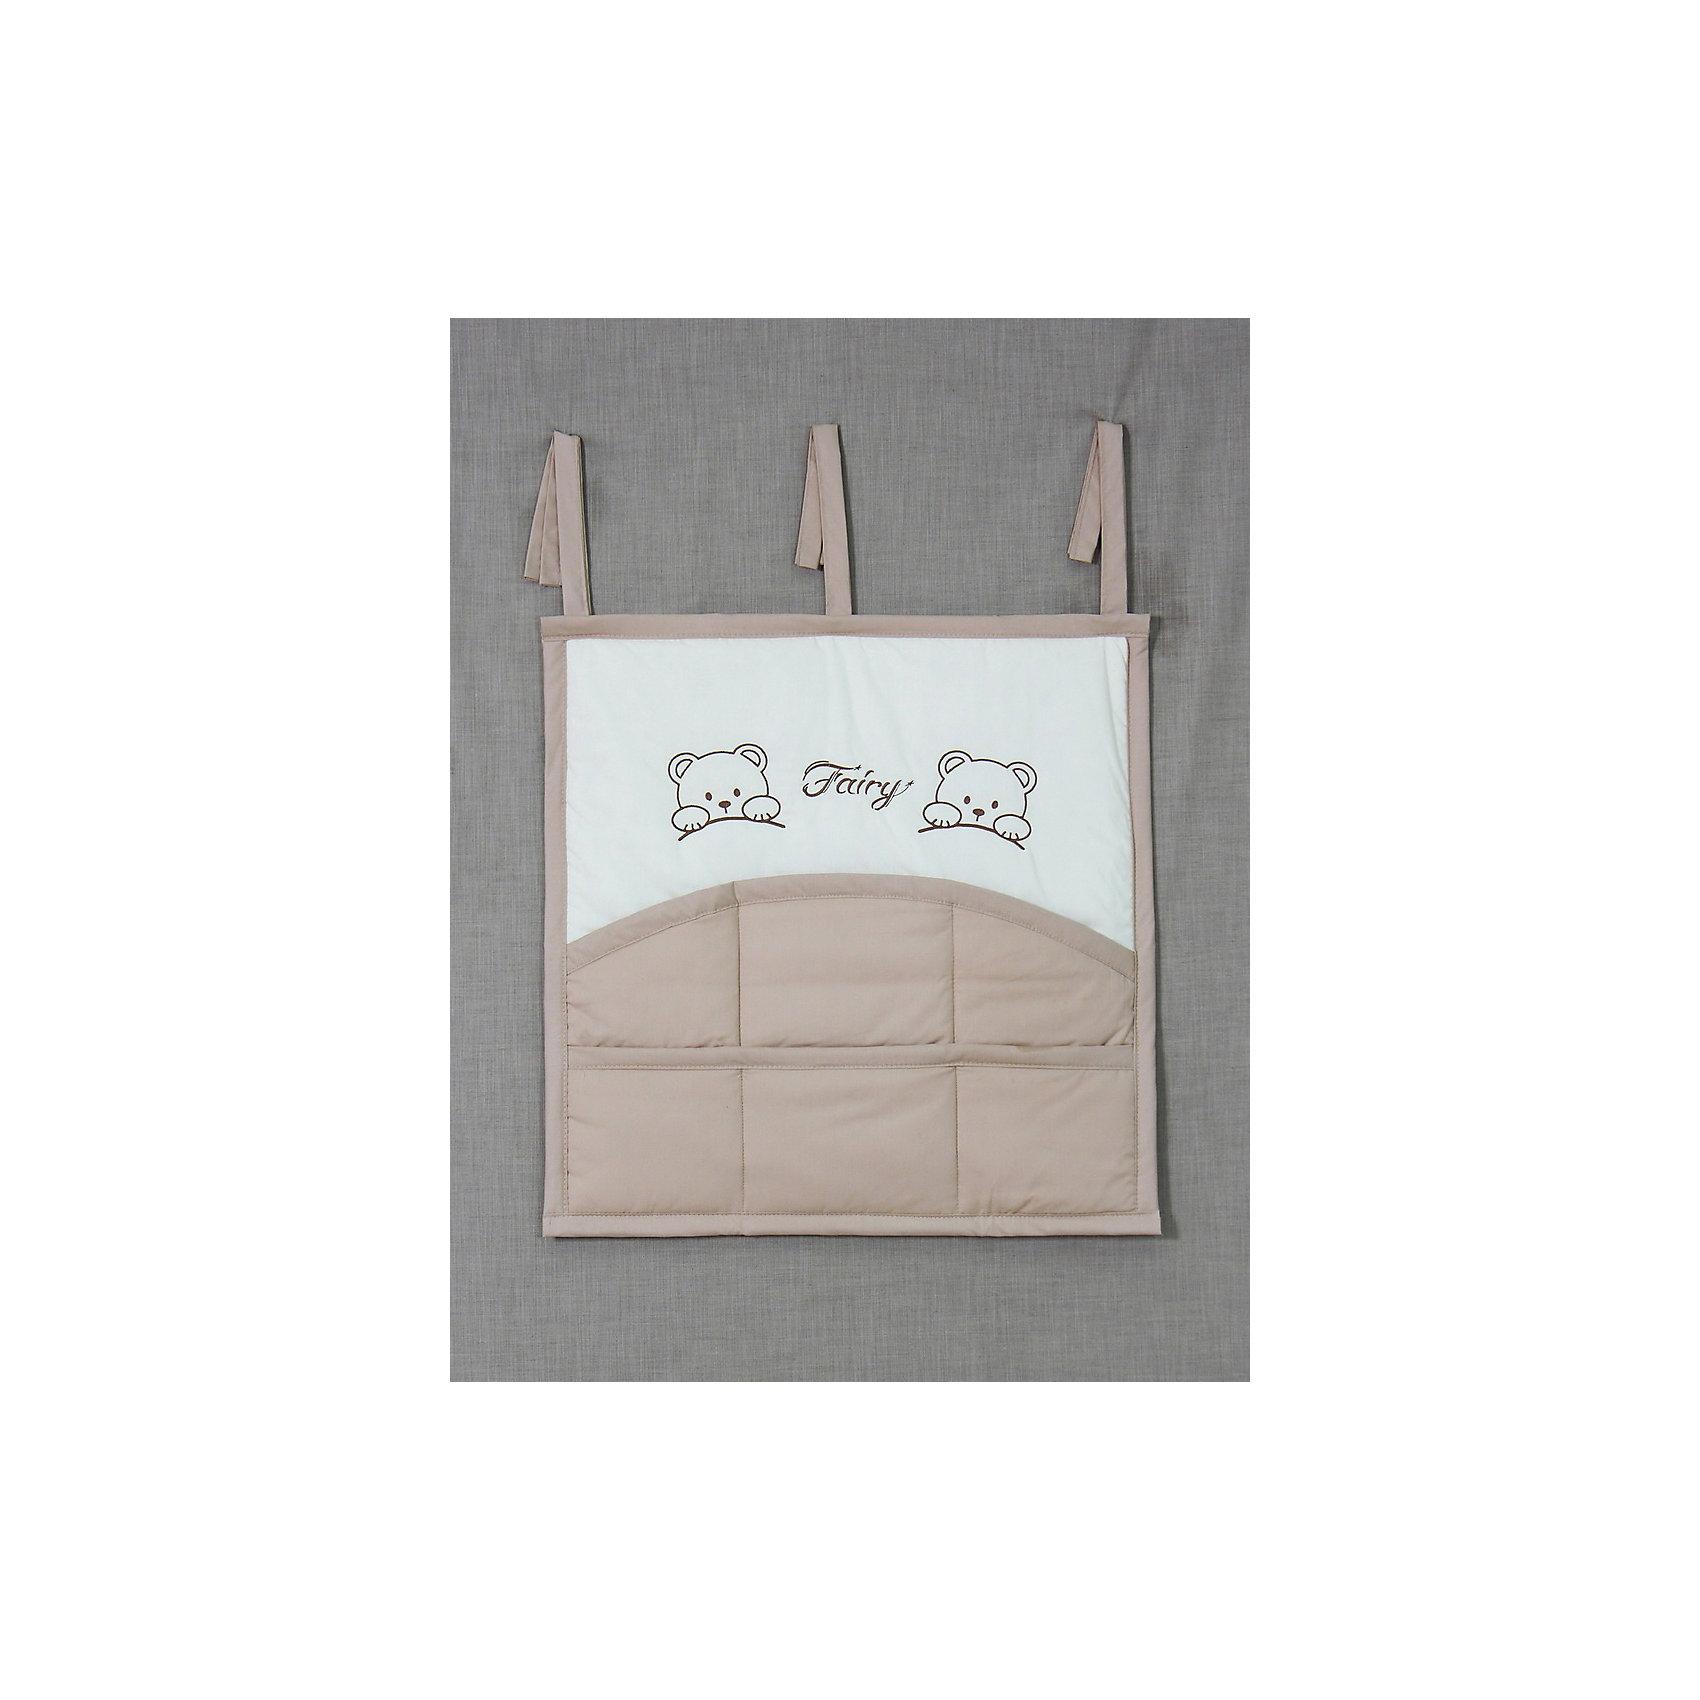 Карман для кроватки Хлопок, FairyПостельное бельё<br>•карман на кроватку предназначен для удобства хранения детских принадлежностей в удобном для родителей месте,<br>•3 завязки по верху изделия для удобства крепления на детской кроватке,<br>•6 кармашков для принадлежностей, <br>•веселый рисунок в виде вышивки.<br><br>Ширина мм: 590<br>Глубина мм: 600<br>Высота мм: 100<br>Вес г: 300<br>Возраст от месяцев: 0<br>Возраст до месяцев: 36<br>Пол: Унисекс<br>Возраст: Детский<br>SKU: 5610106